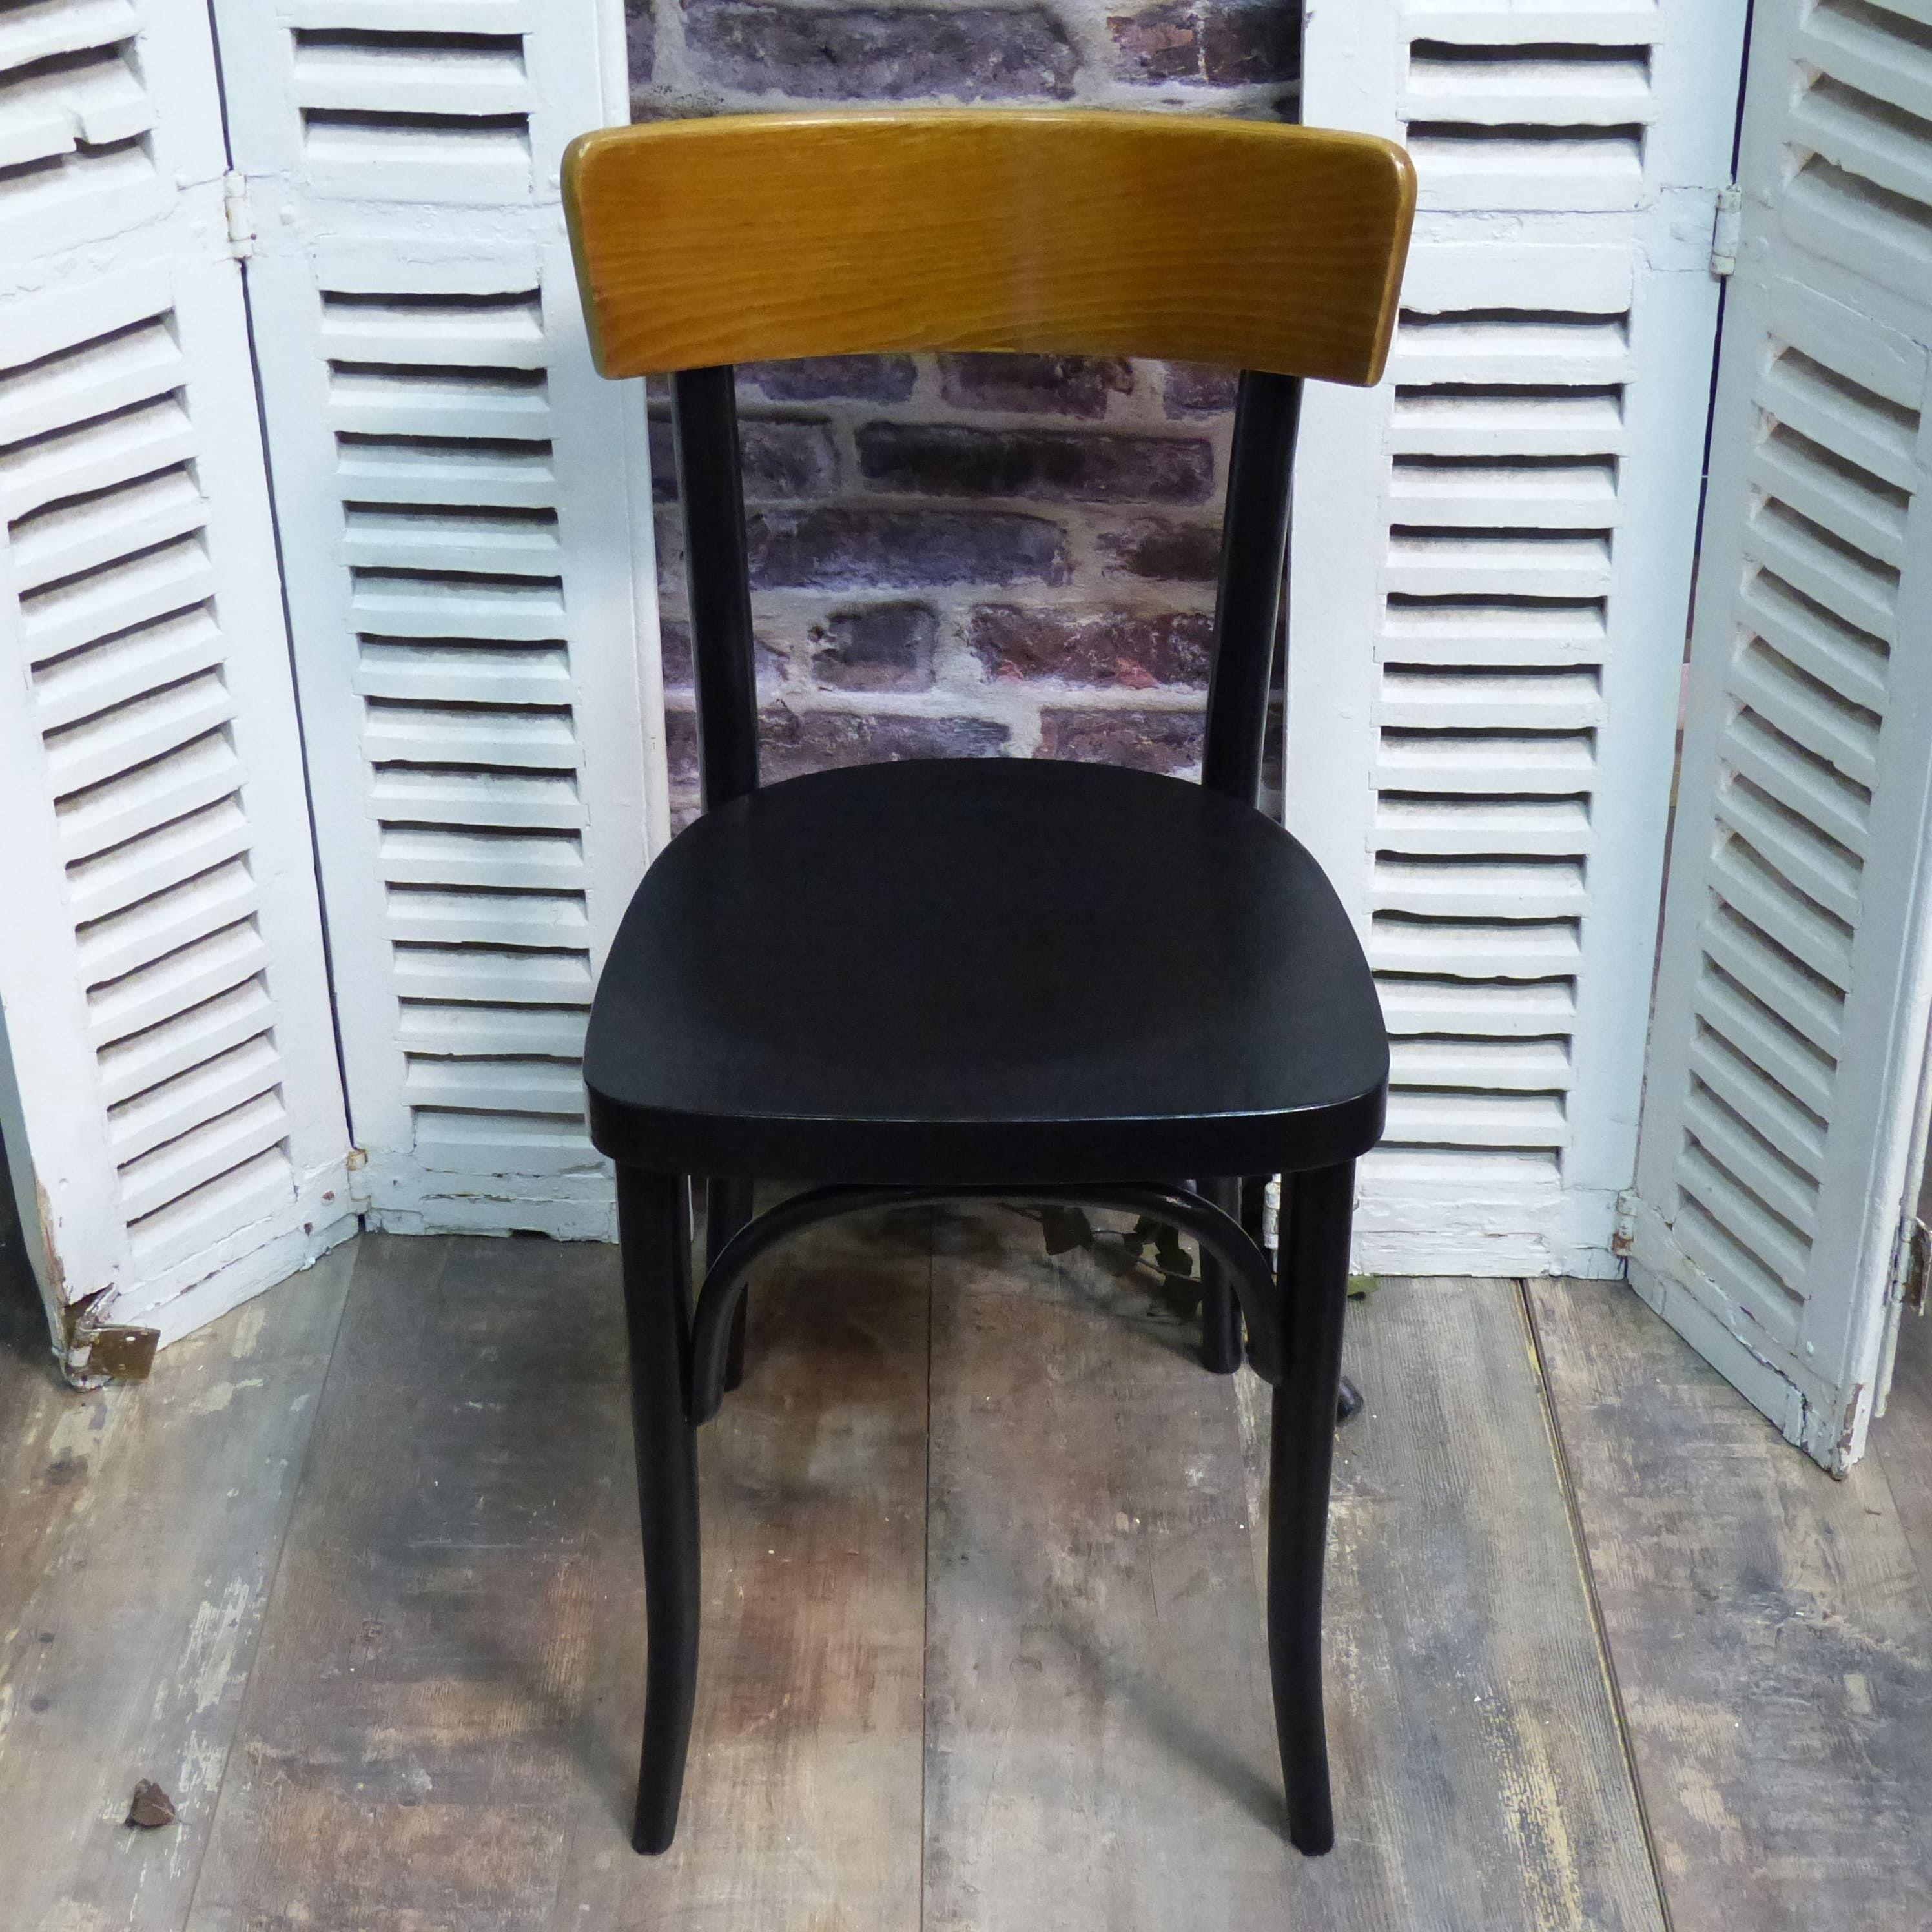 Chaise bistrot estampillée THONET bois naturel et noire en très bon ...